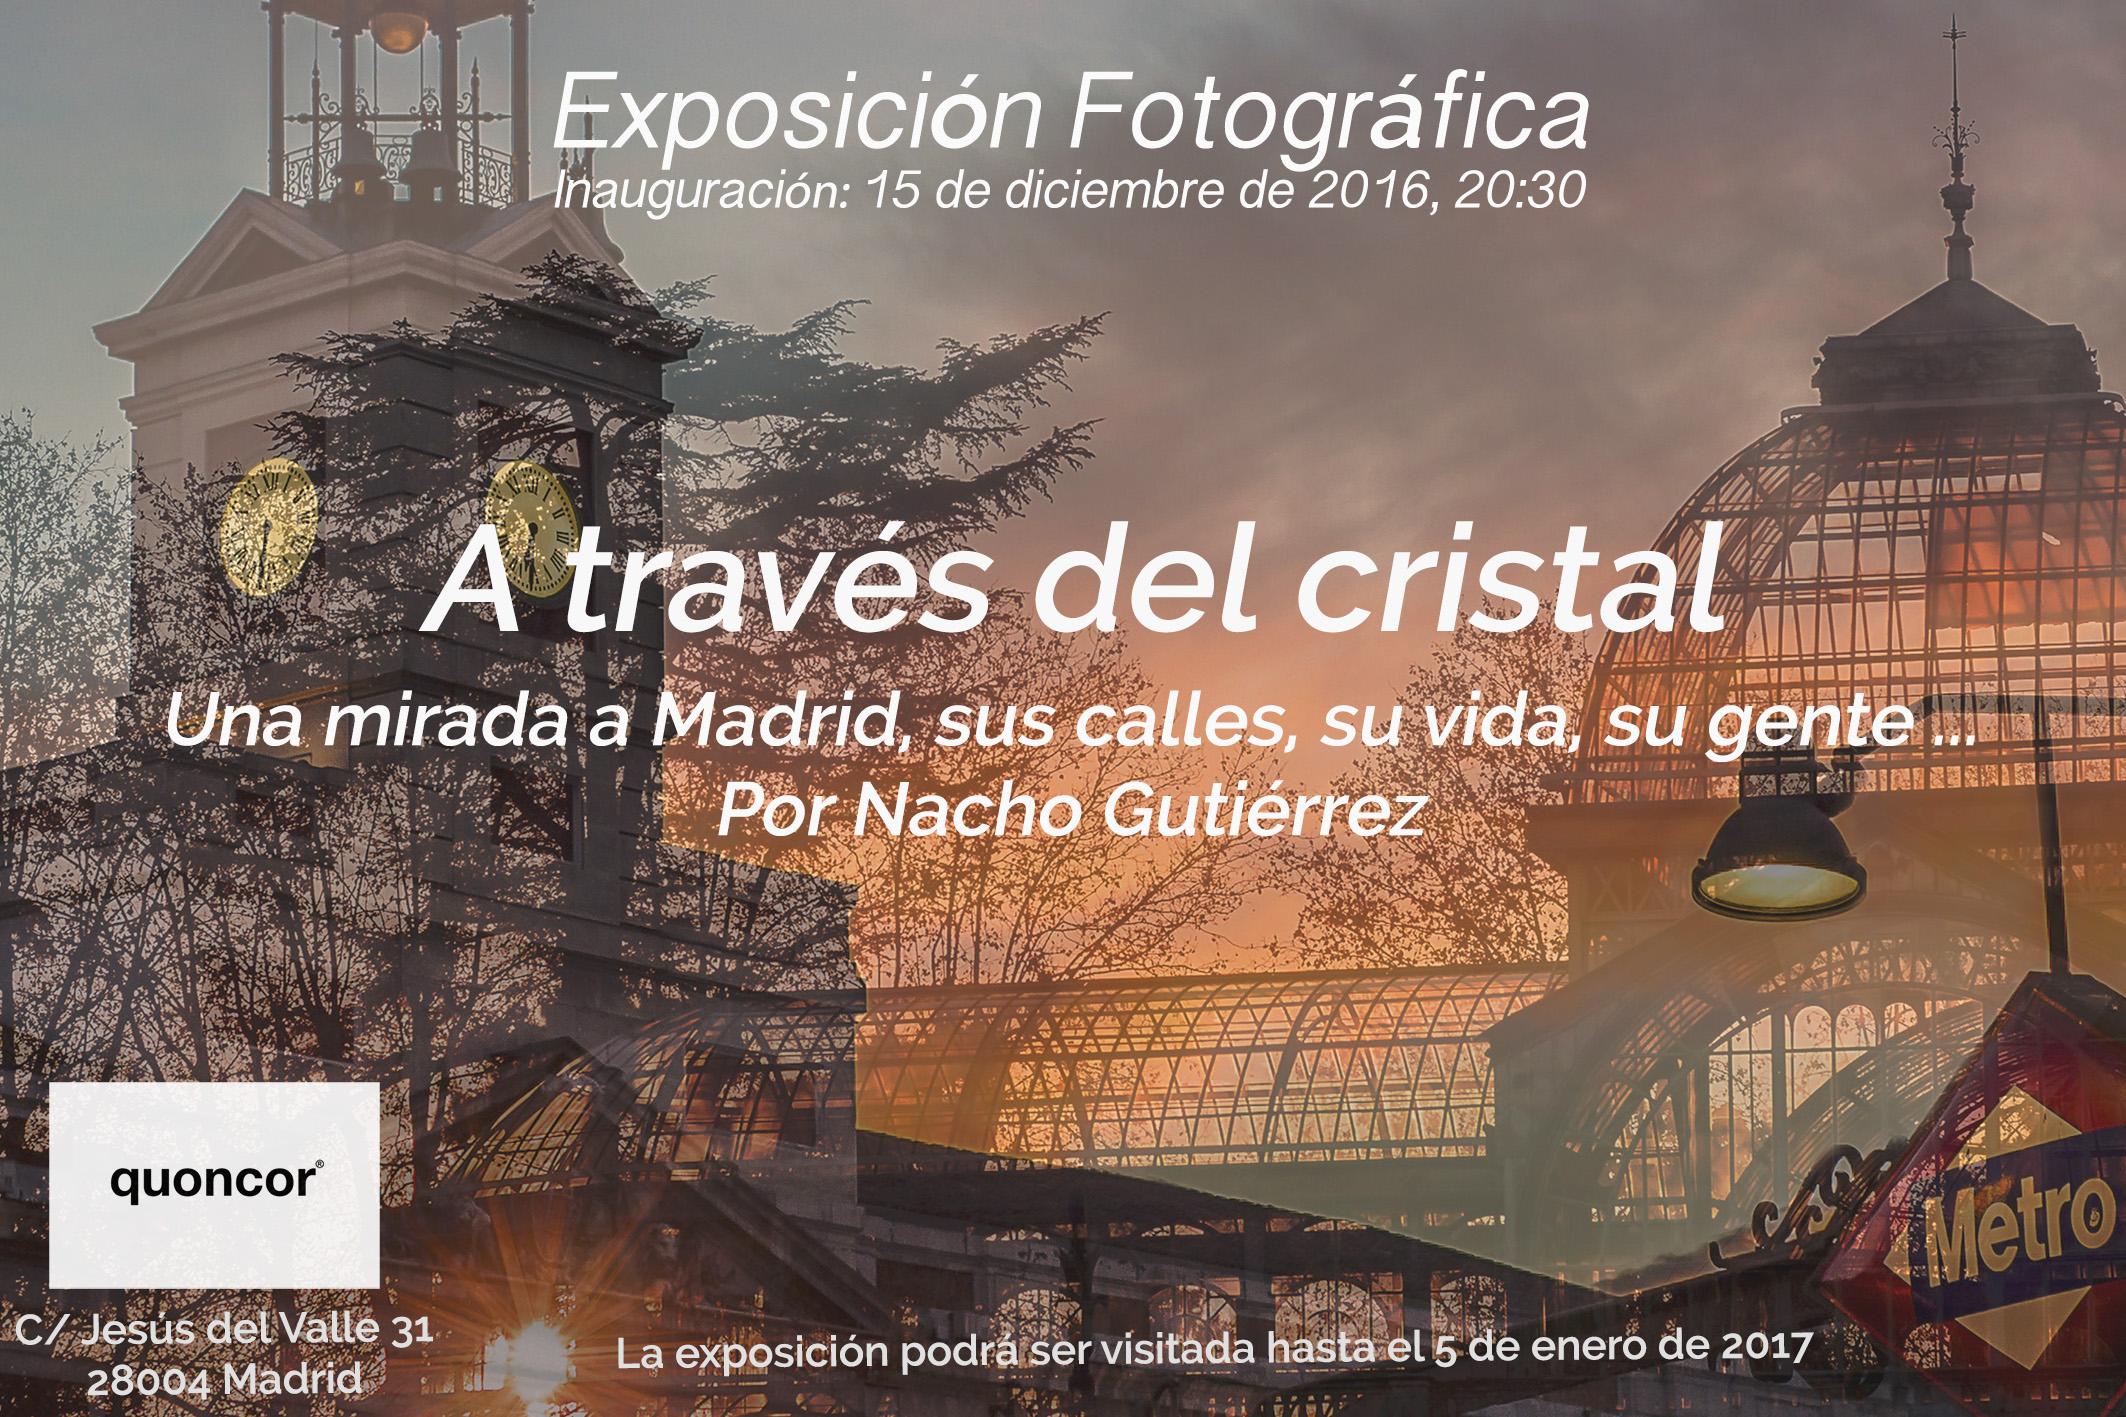 Quoncor exposición fotografia Nacho Gutierrez